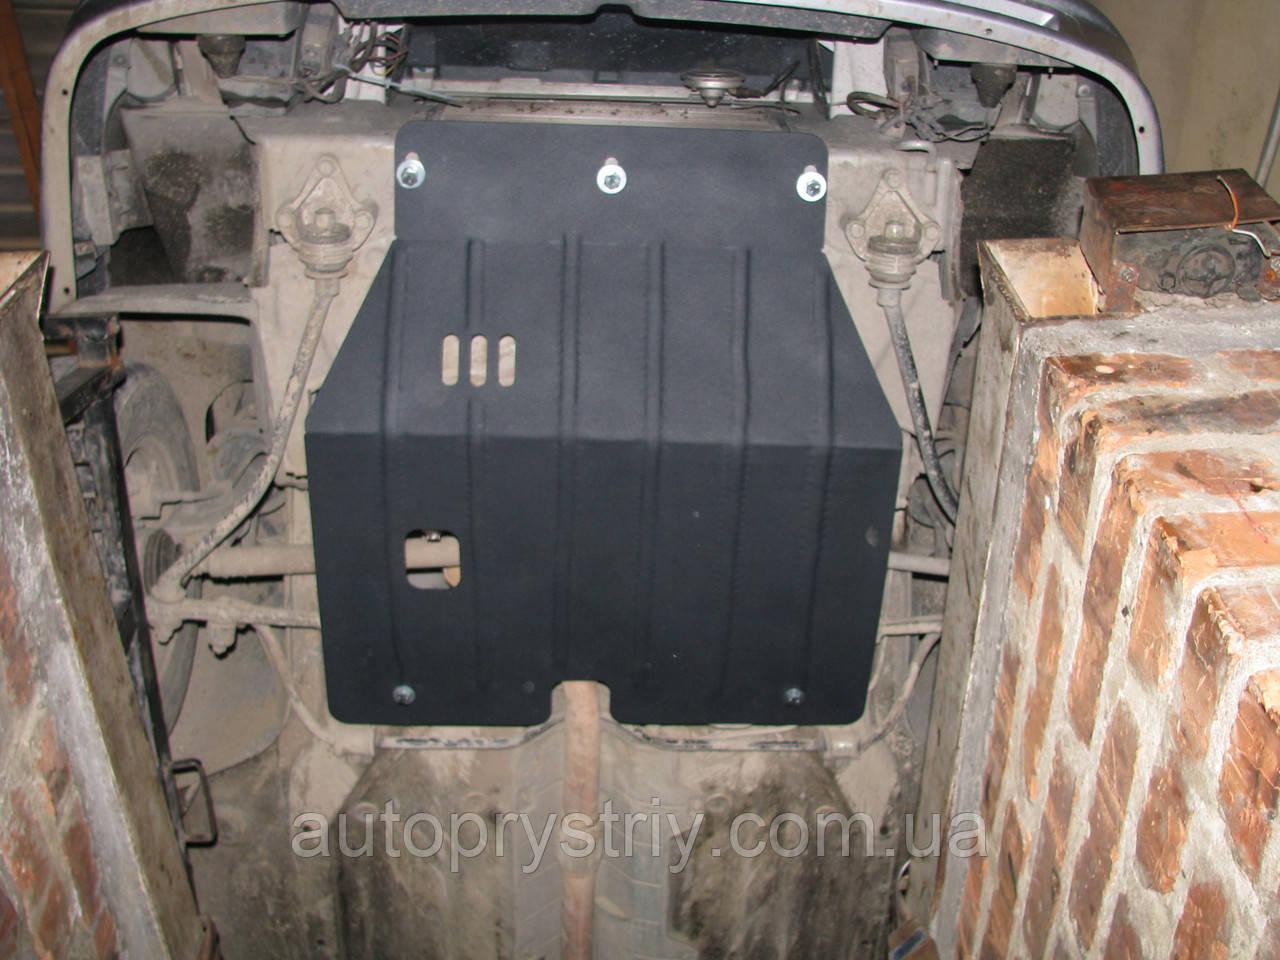 Защита двигателя и КПП ВАЗ-2113 Lada (2001-2013) механика все